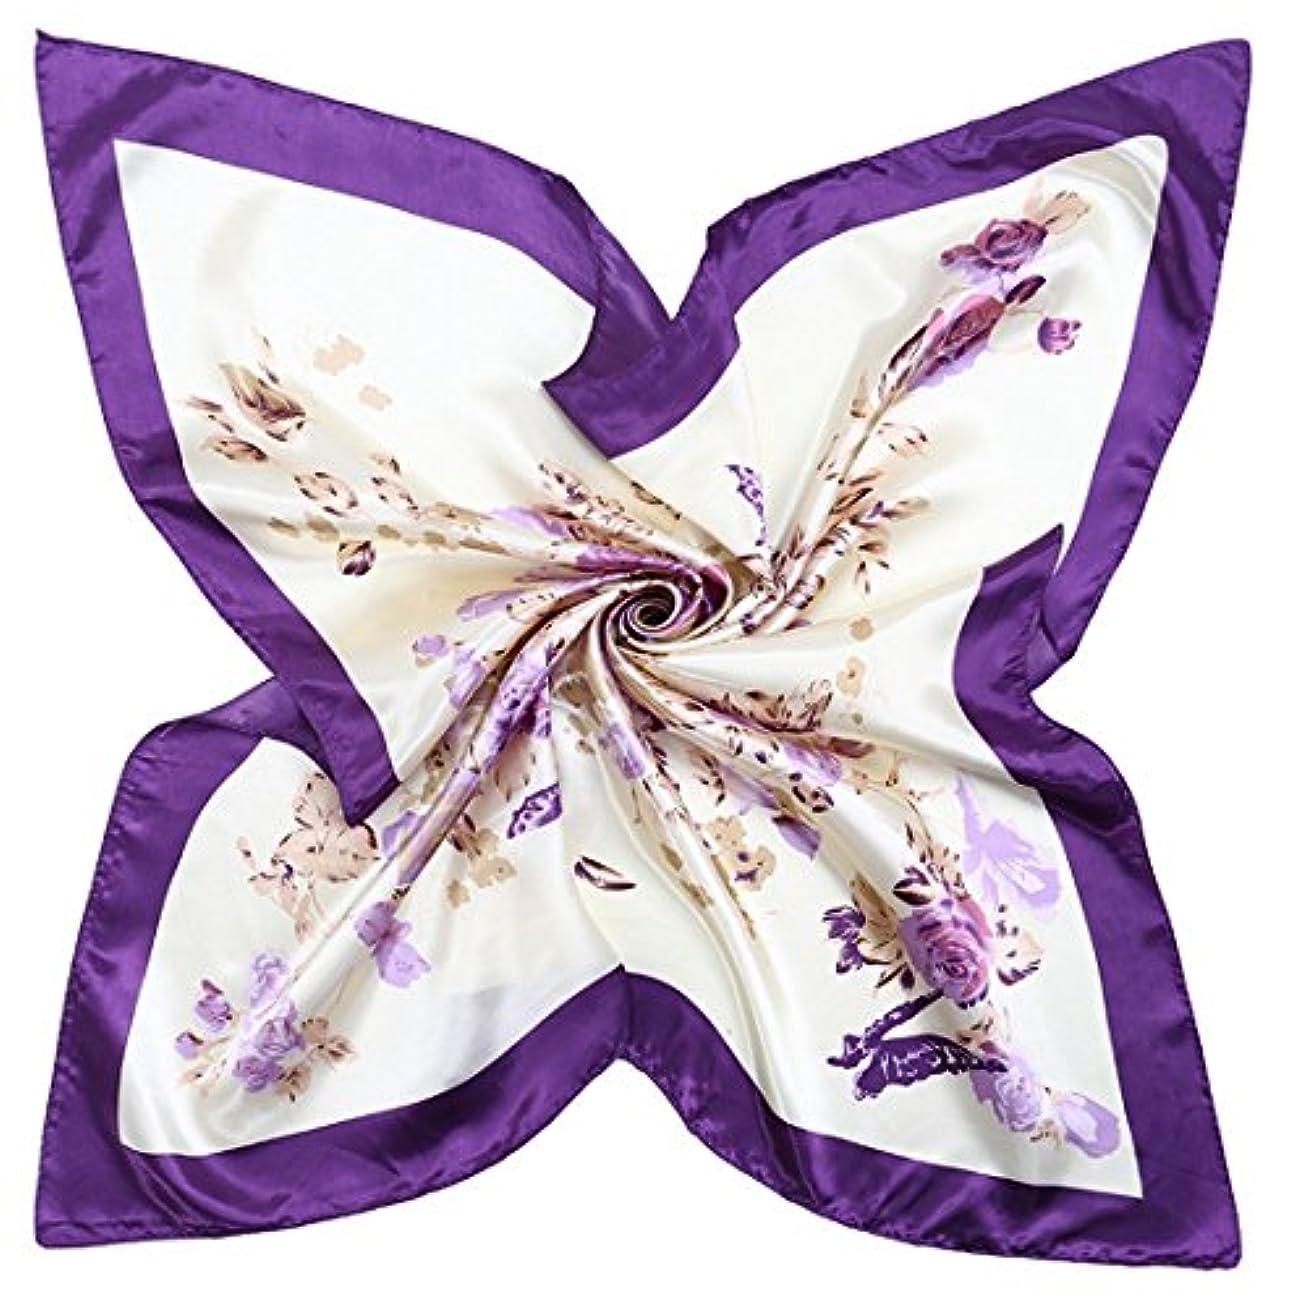 タービンかろうじてケーキCATYAA 90 * 90CM女性の女性のためのスカーフ女性の女性のプリントシルクスカーフシルクサテンのスカーフ (Color : Voilet, サイズ : 90 * 90cm)